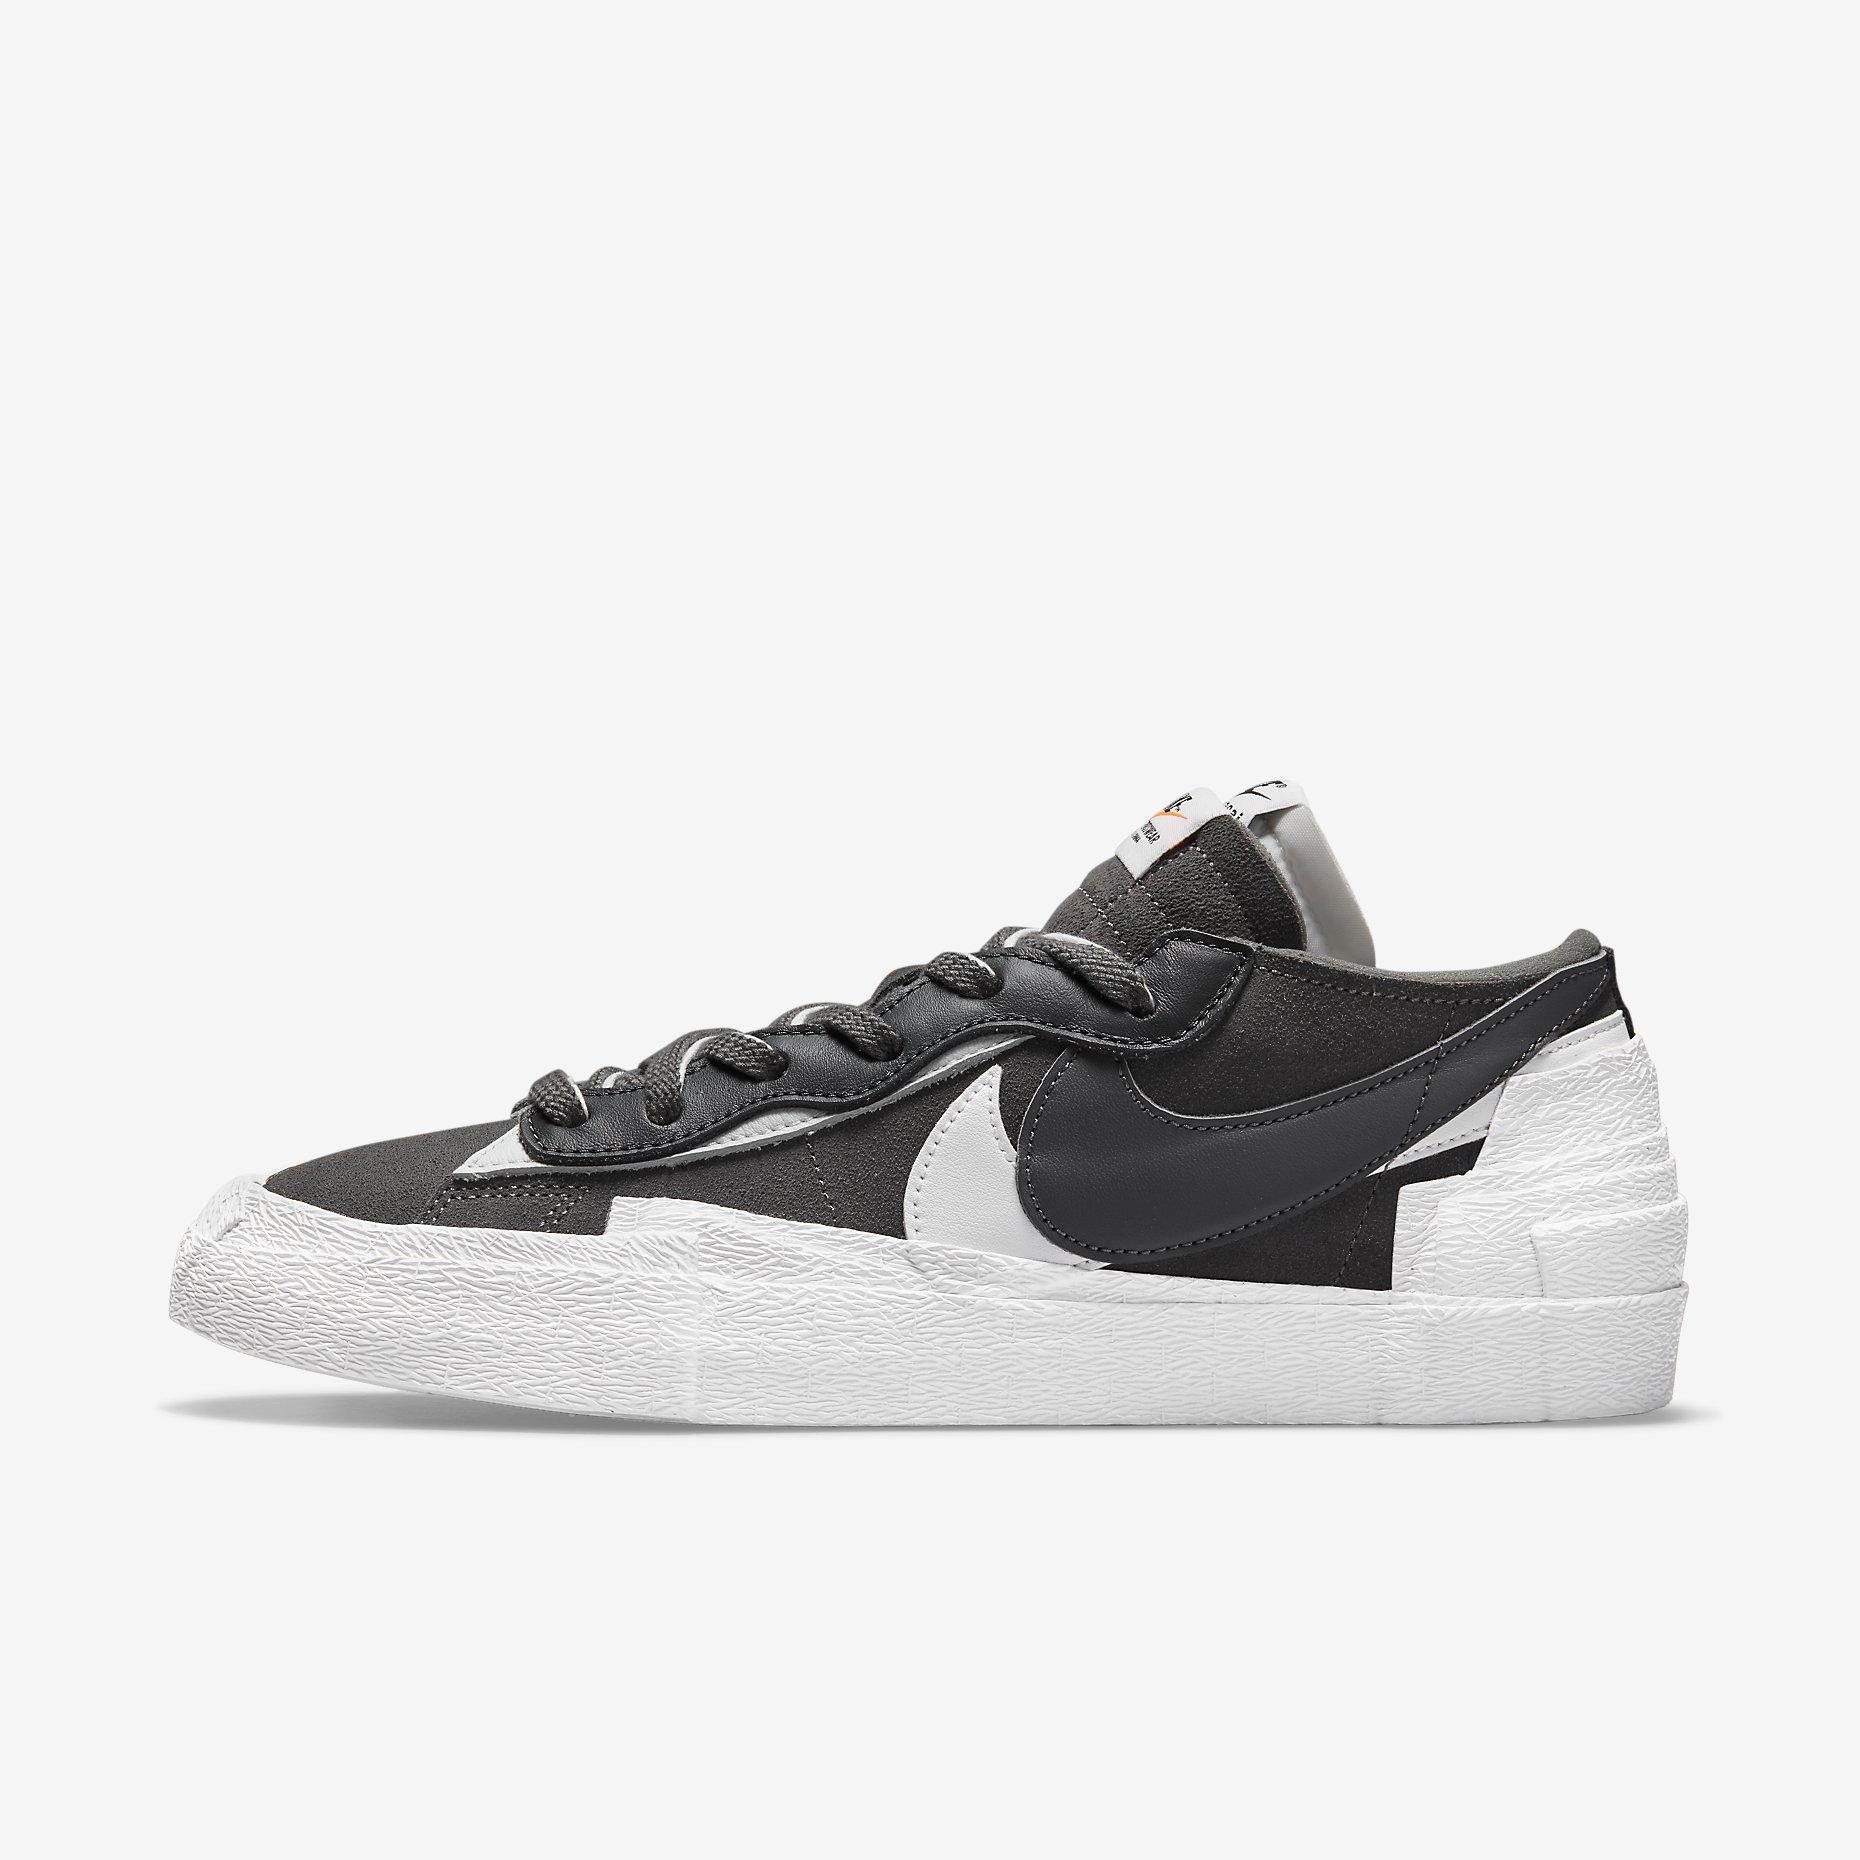 Sacai x Nike Blazer Low 'Iron Grey'}